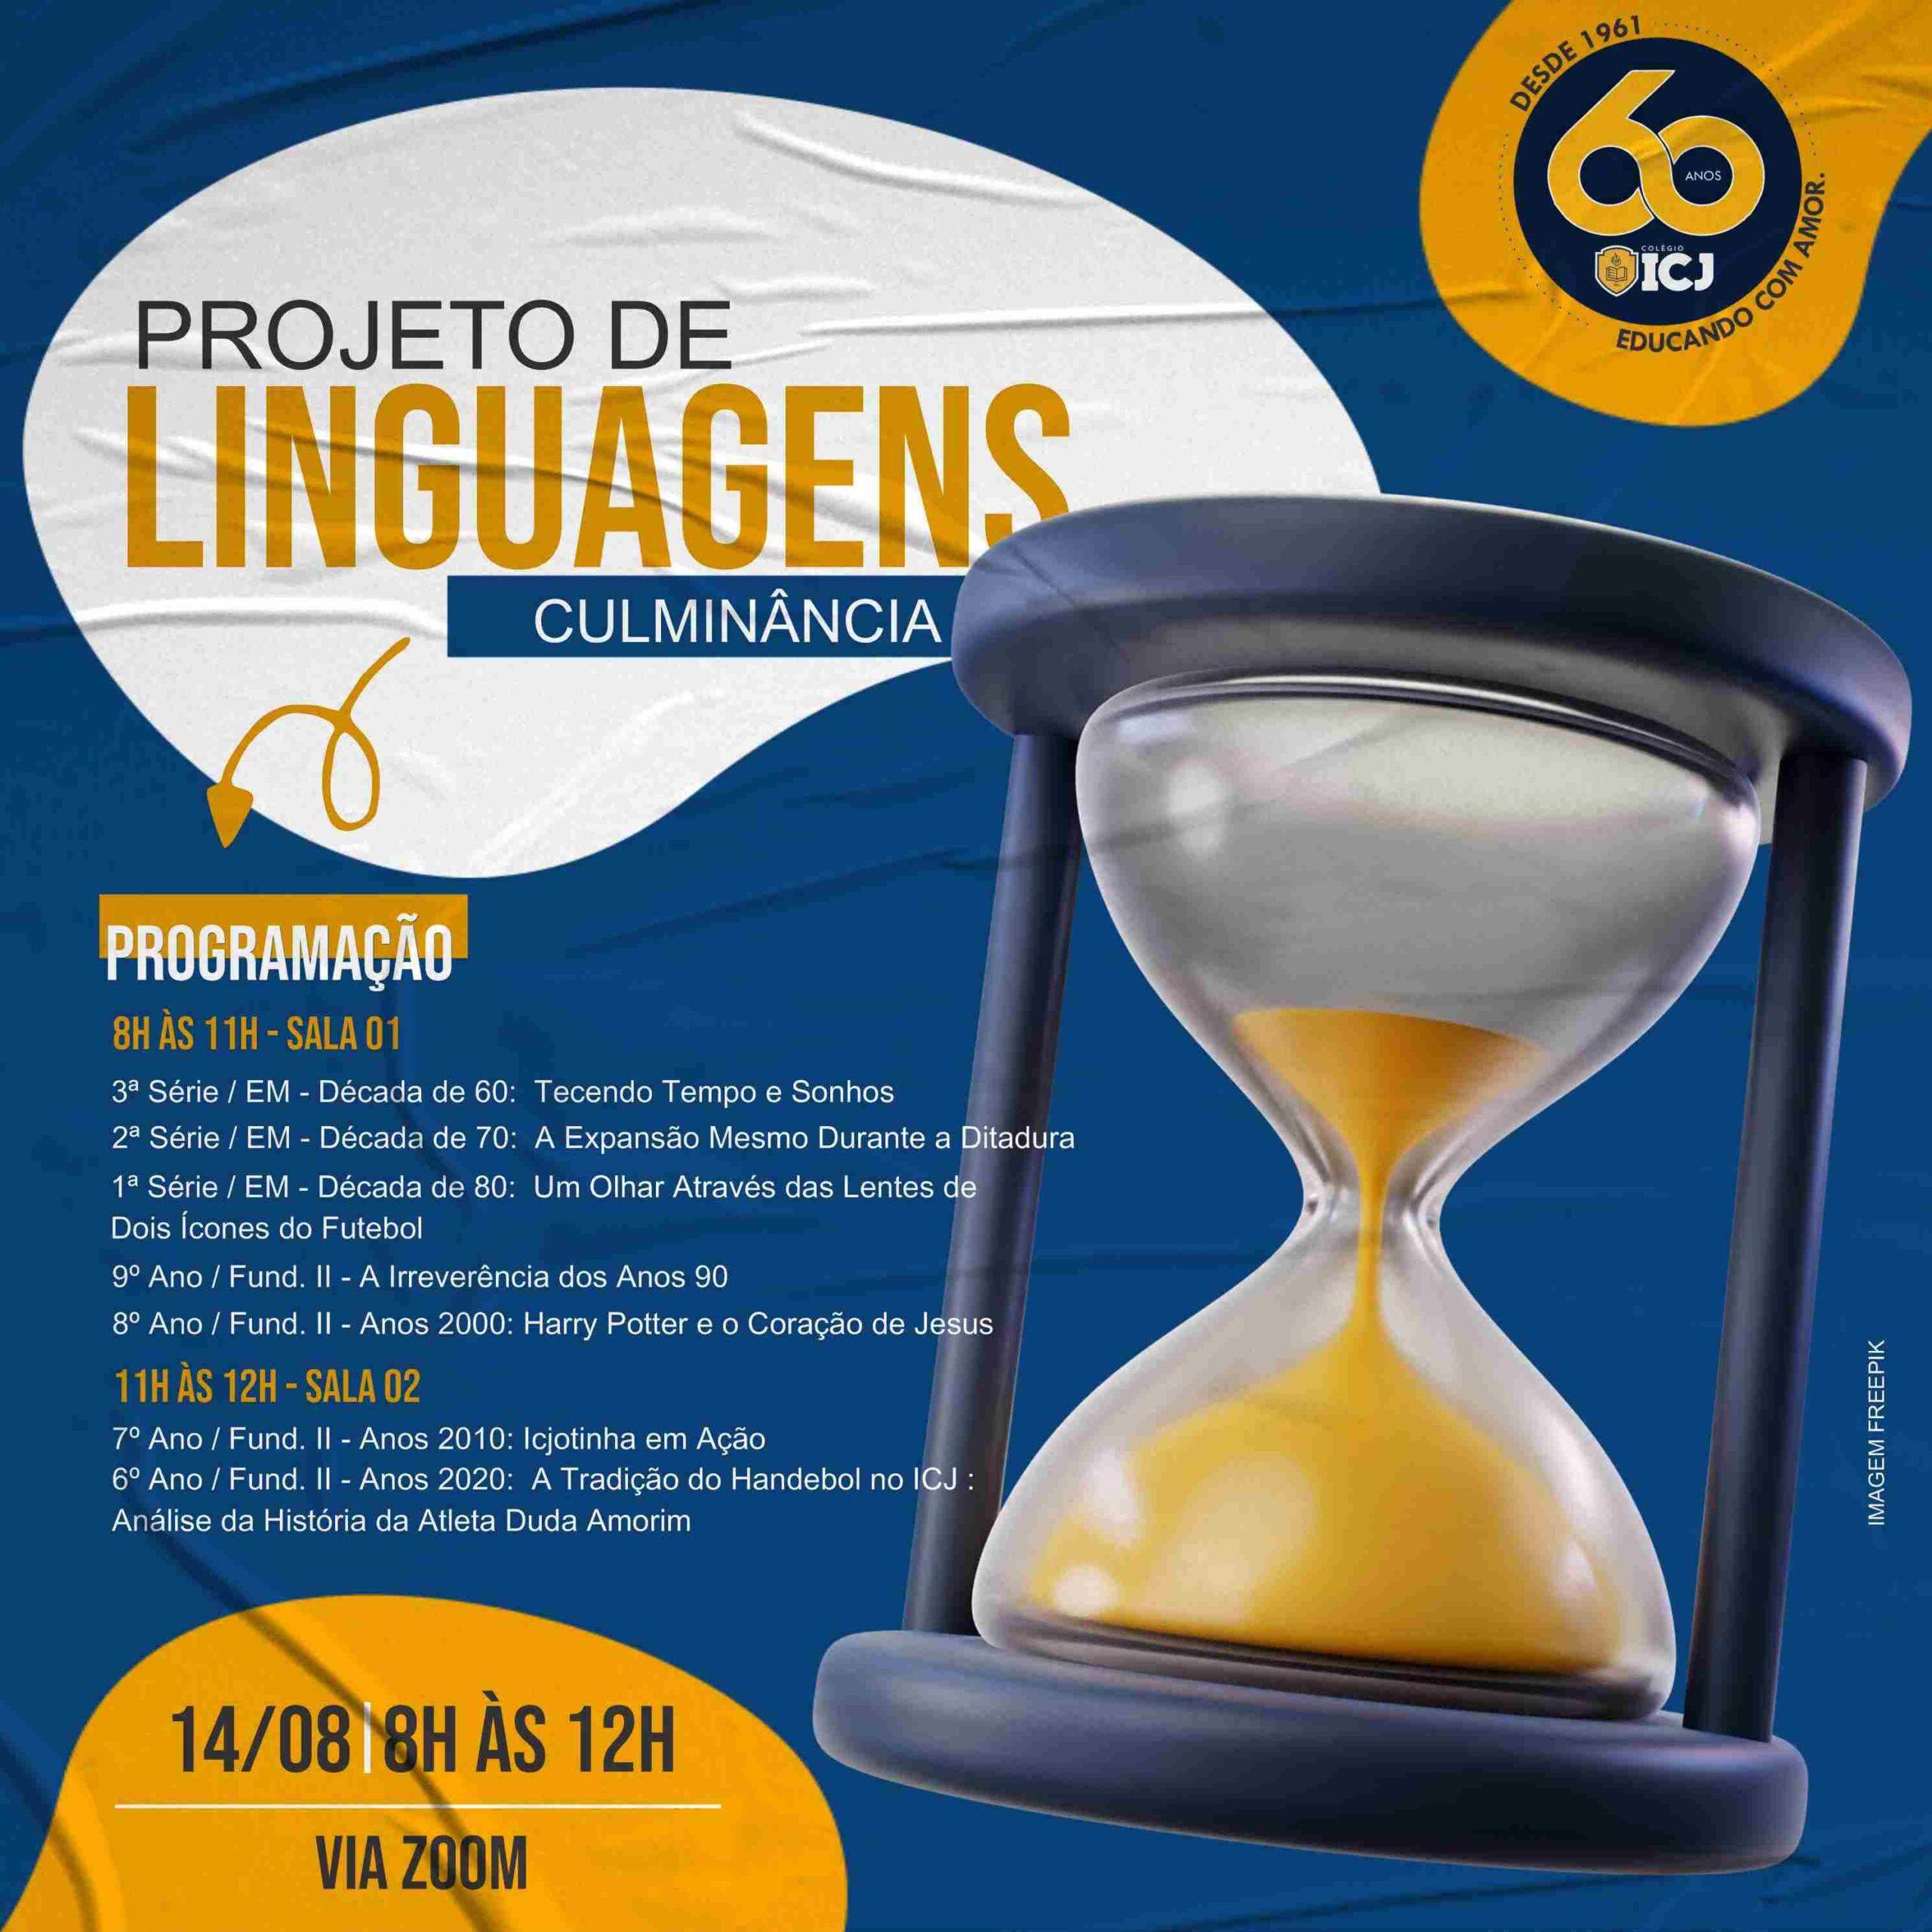 Projeto de Linguagens e a História do Colégio ICJ